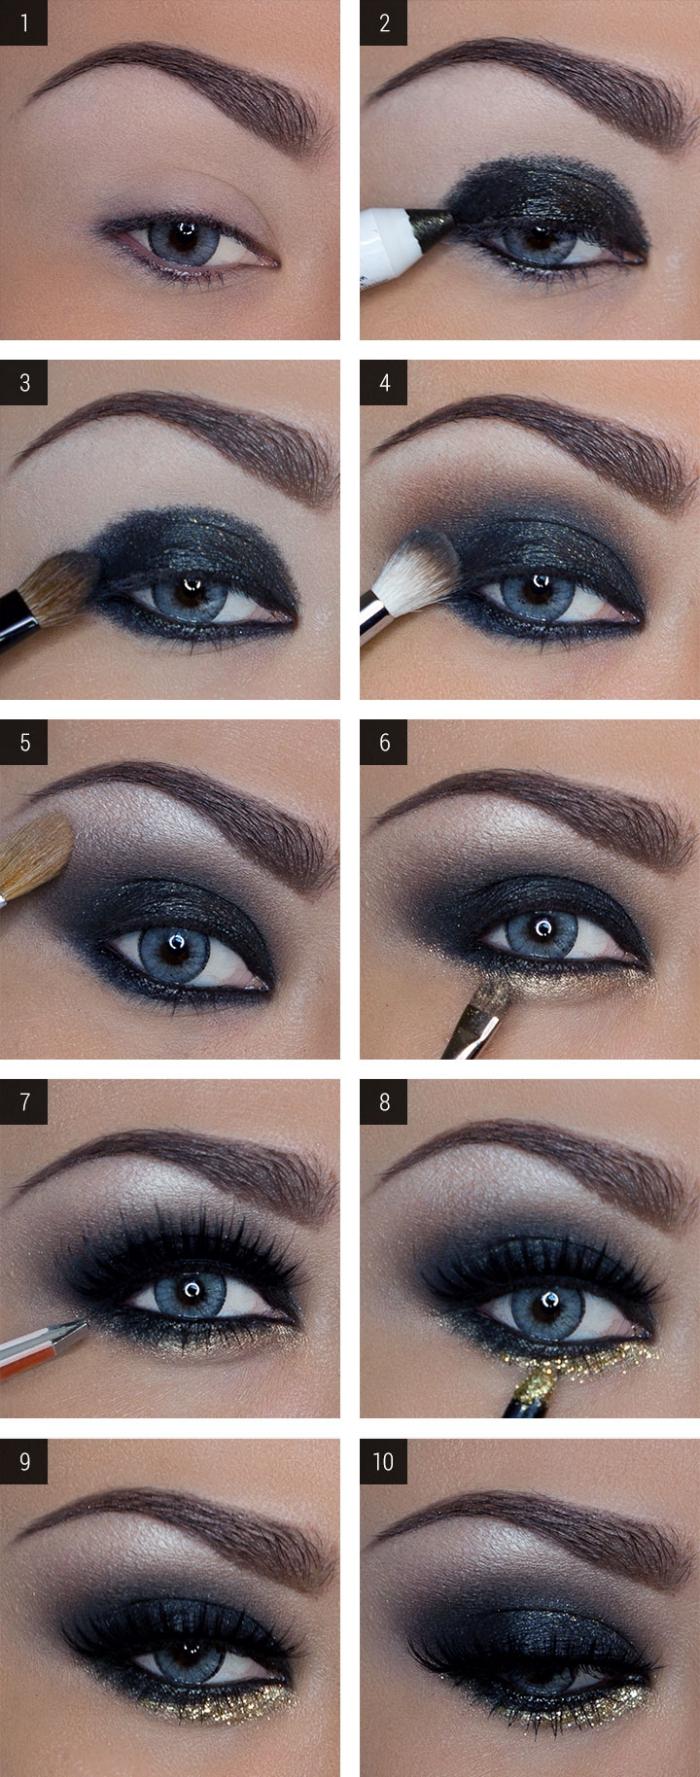 comment faire un maquillage des yeux foncés, étapes à suivre pour mettre fards à paupières foncées avec eye-liner glitter